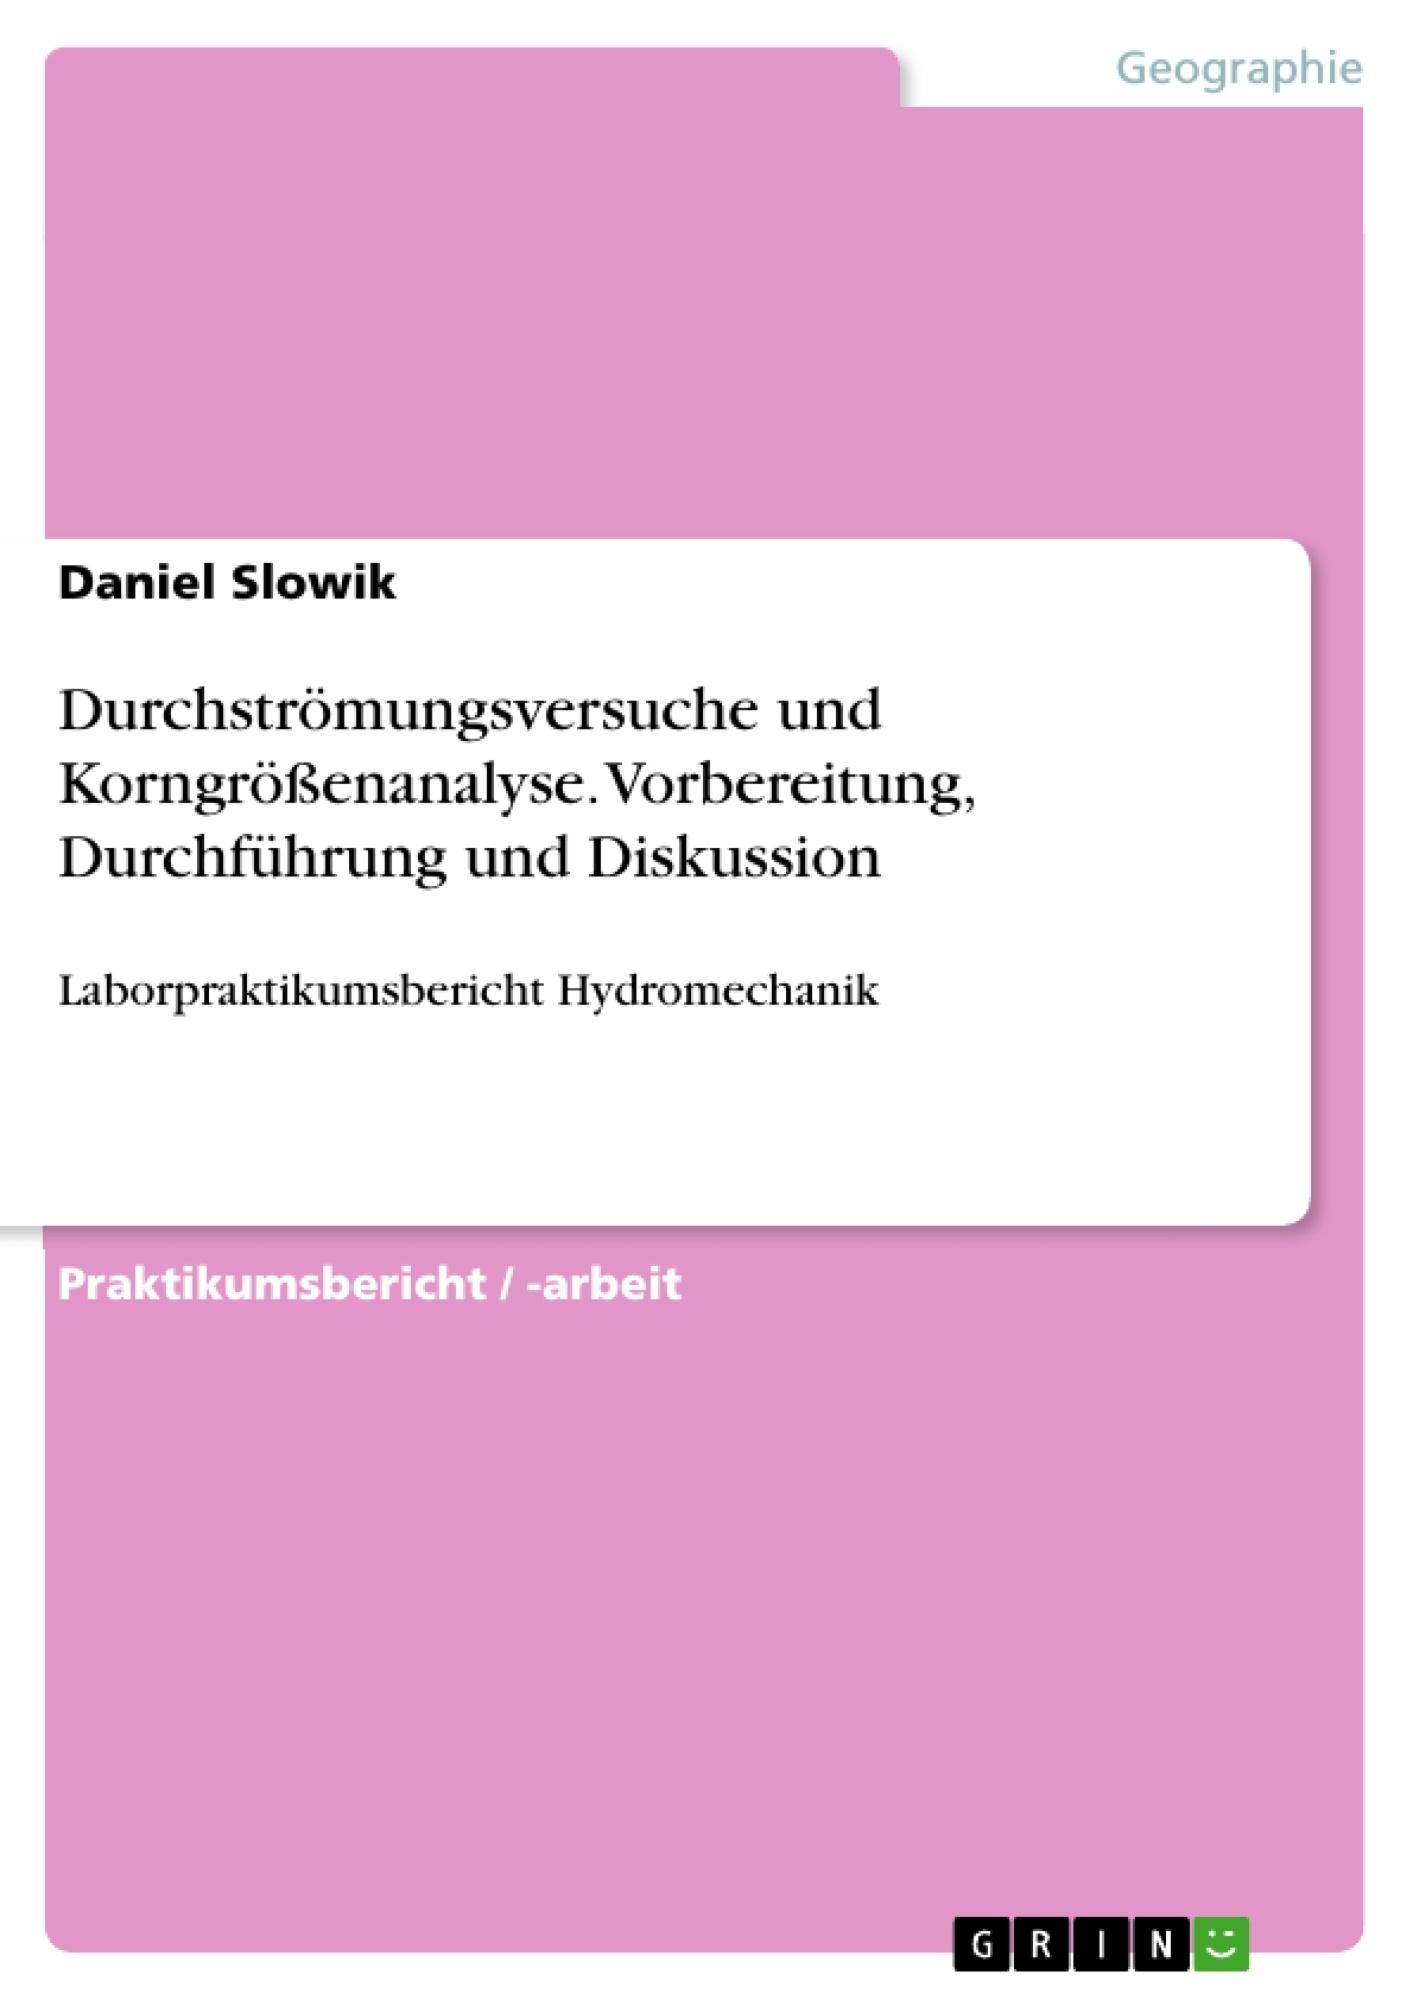 Titel: Durchströmungsversuche und Korngrößenanalyse. Vorbereitung, Durchführung und Diskussion